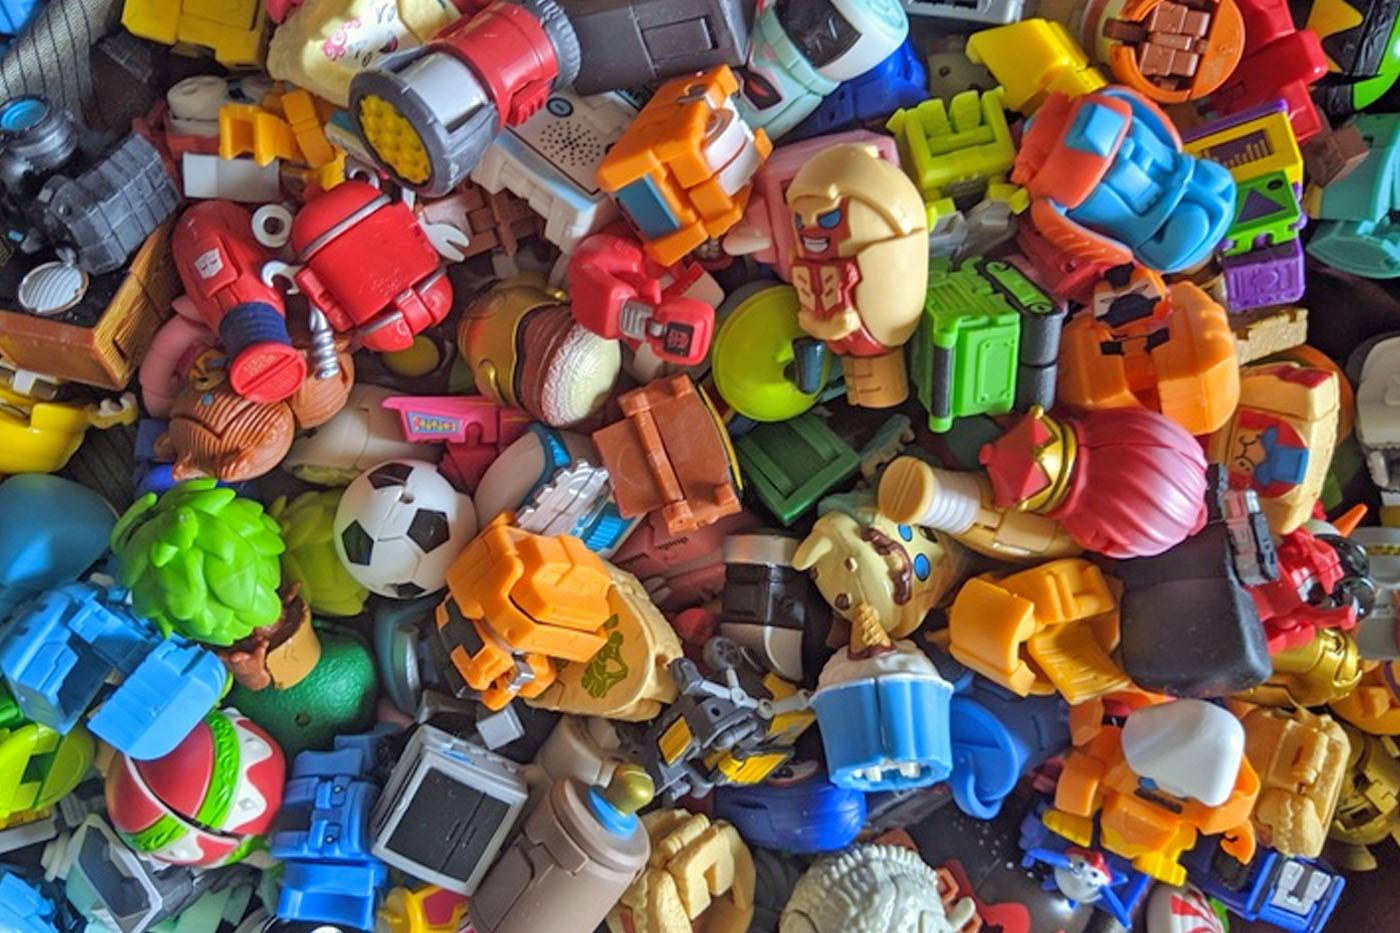 Партнер Роскачества заявил об опасности детских игрушек на крупнейших маркетплейсах